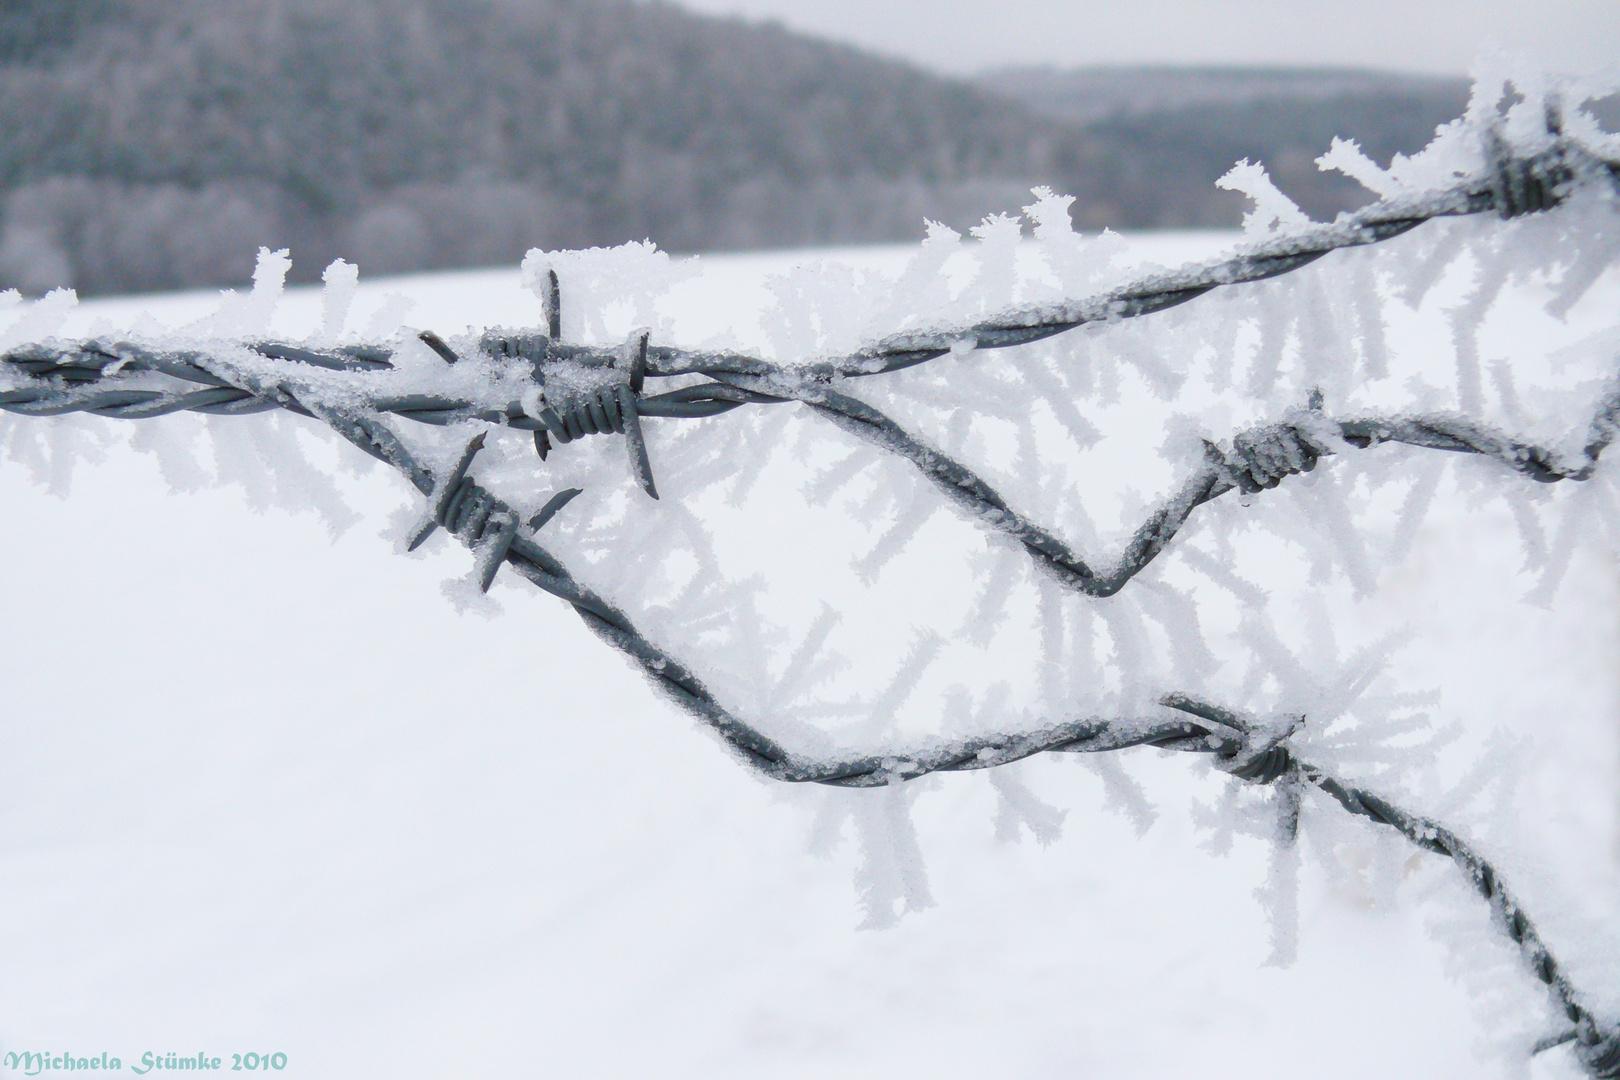 Stacheldraht in Eis